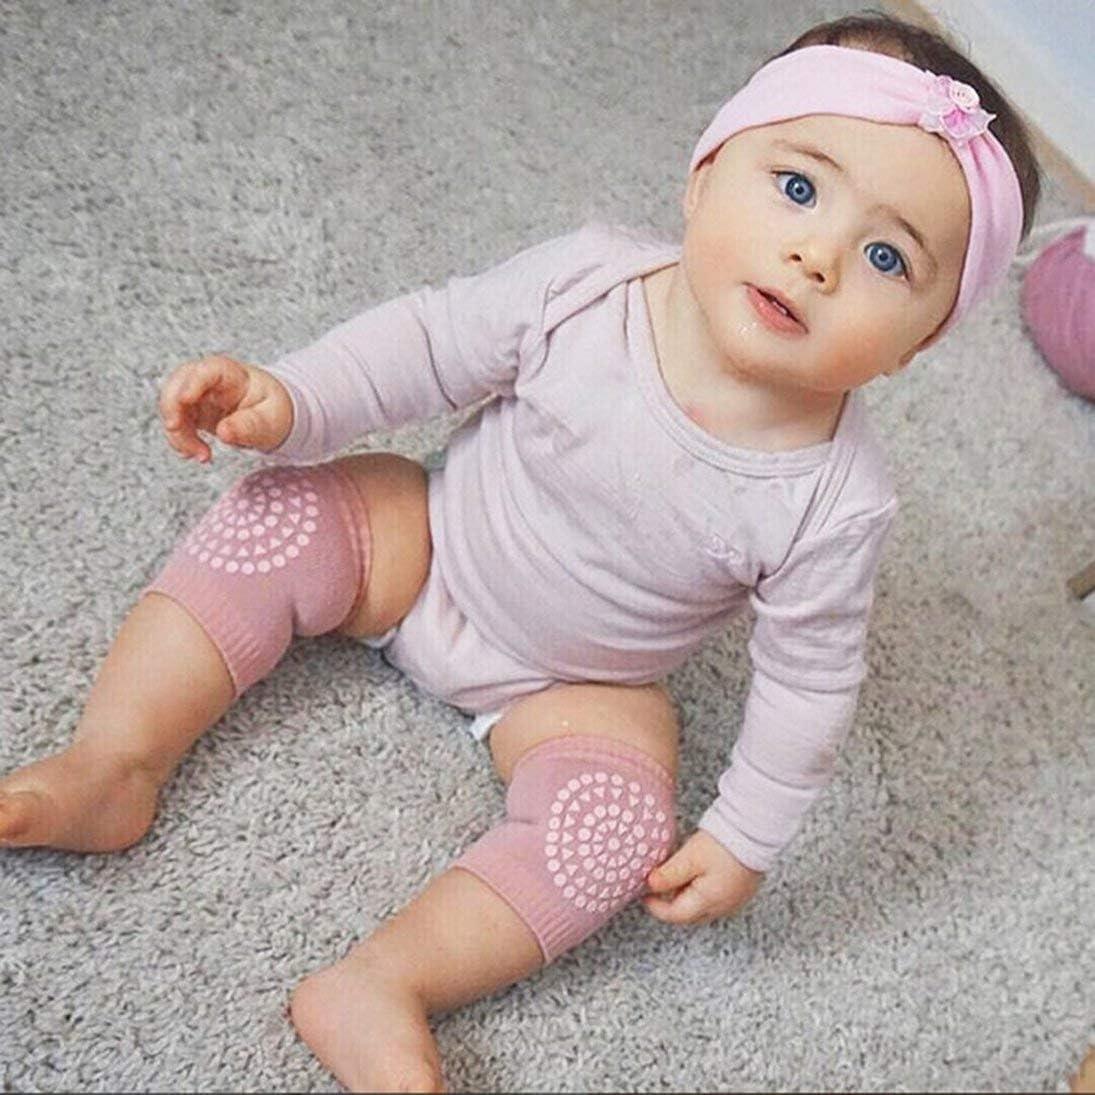 hellrosa XINFULUK Kleinkind Kinder Knieschoner Protector Verdickt Terry rutschfeste Sicherheit kriechende Baby Beinlinge Kniesch/ützer Unisex f/ür Kinder